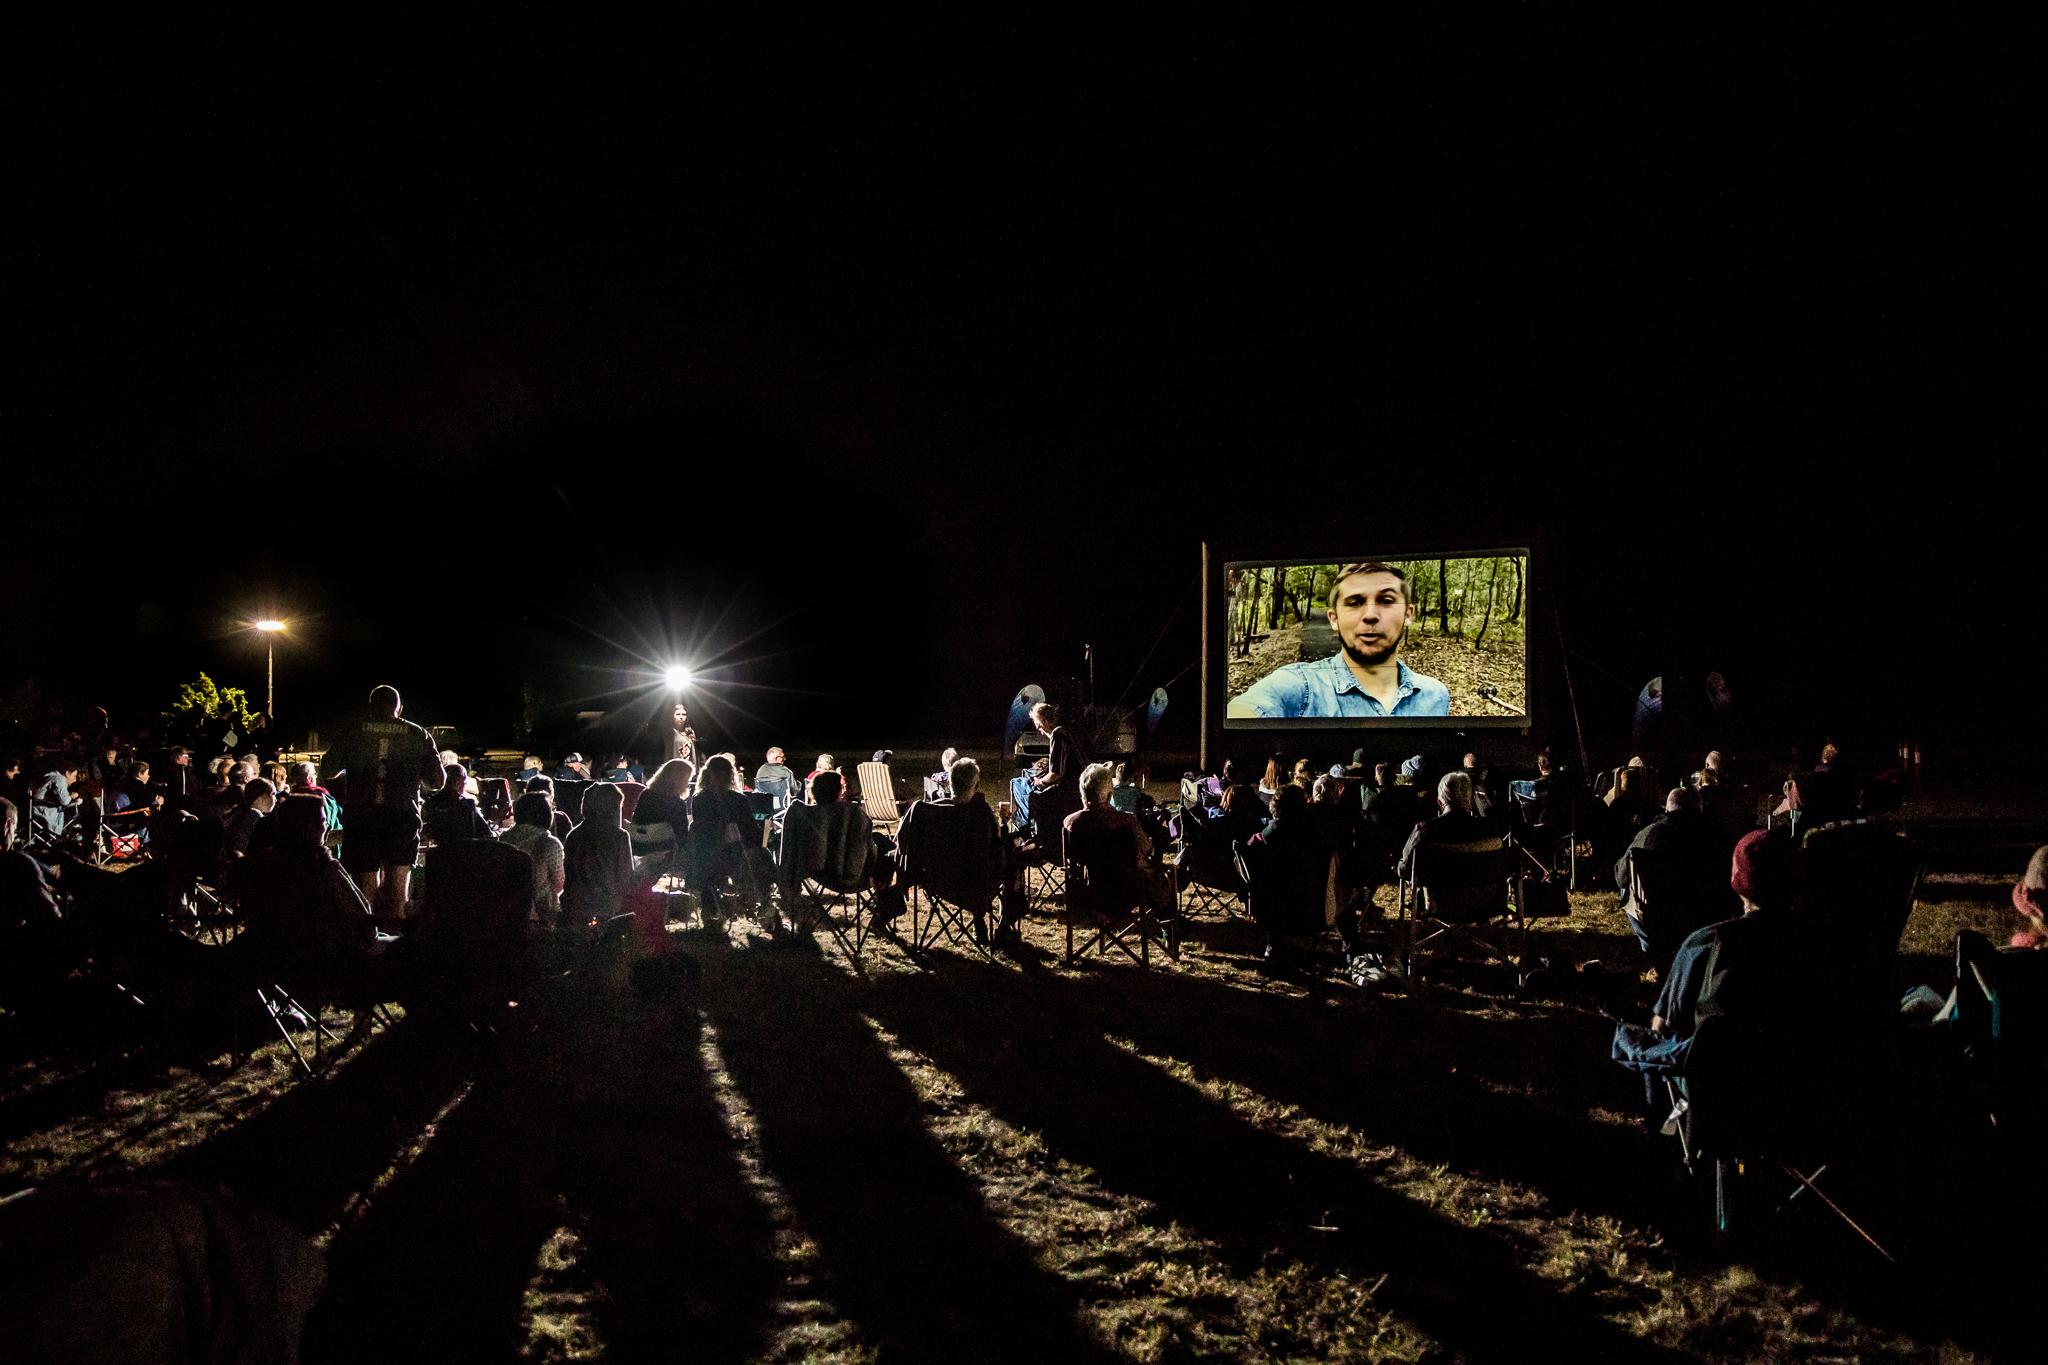 Cinema_Camp Oven_Thursday Web Ready (74).JPG